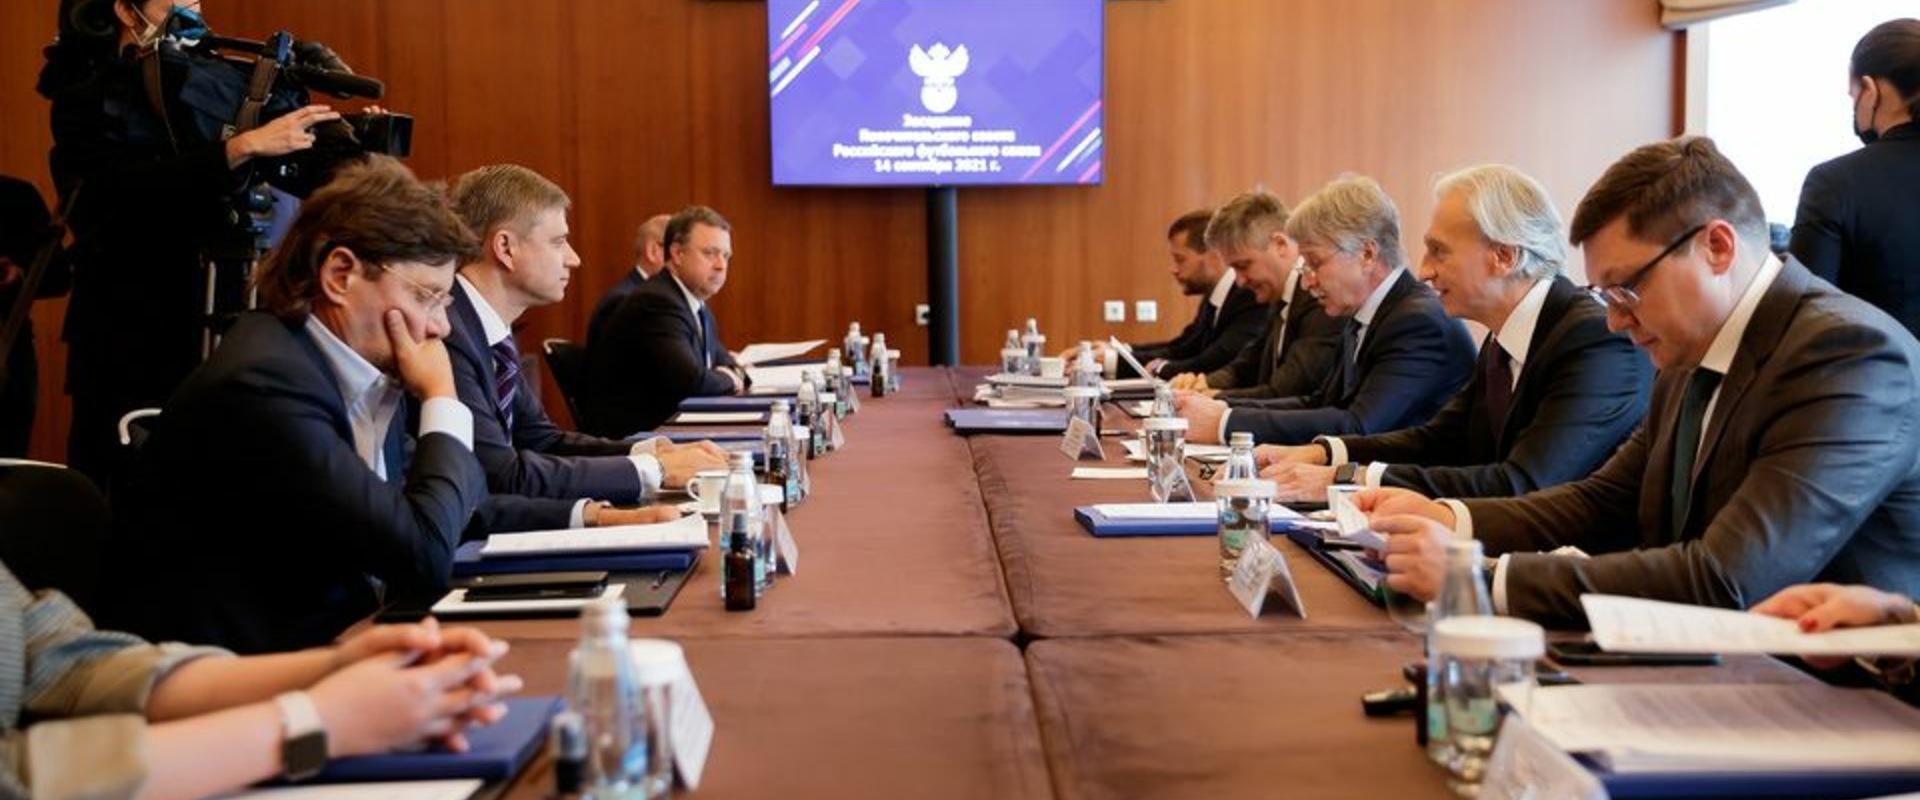 Итоги заседания Попечительского совета РФС